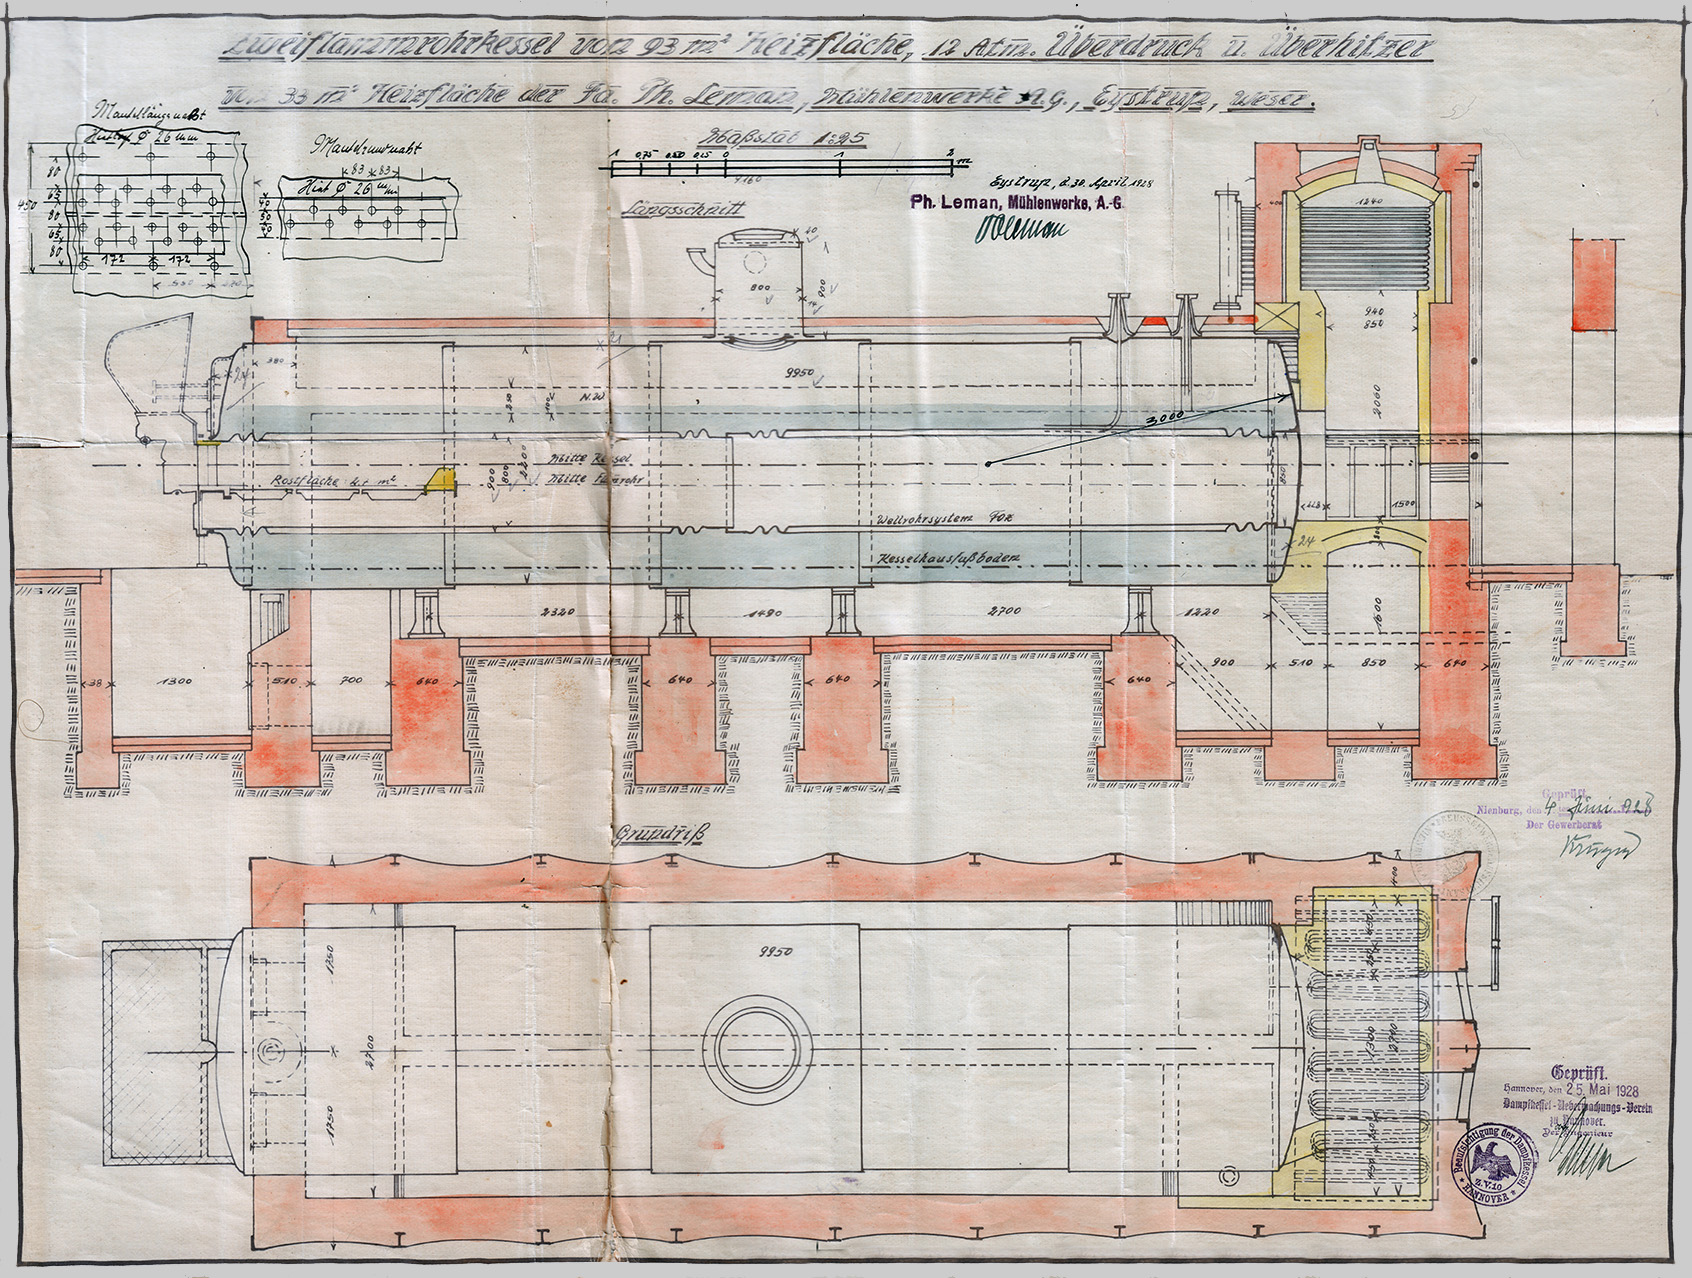 Gemütlich Dampfkesselzeichnung Fotos - Elektrische Schaltplan-Ideen ...